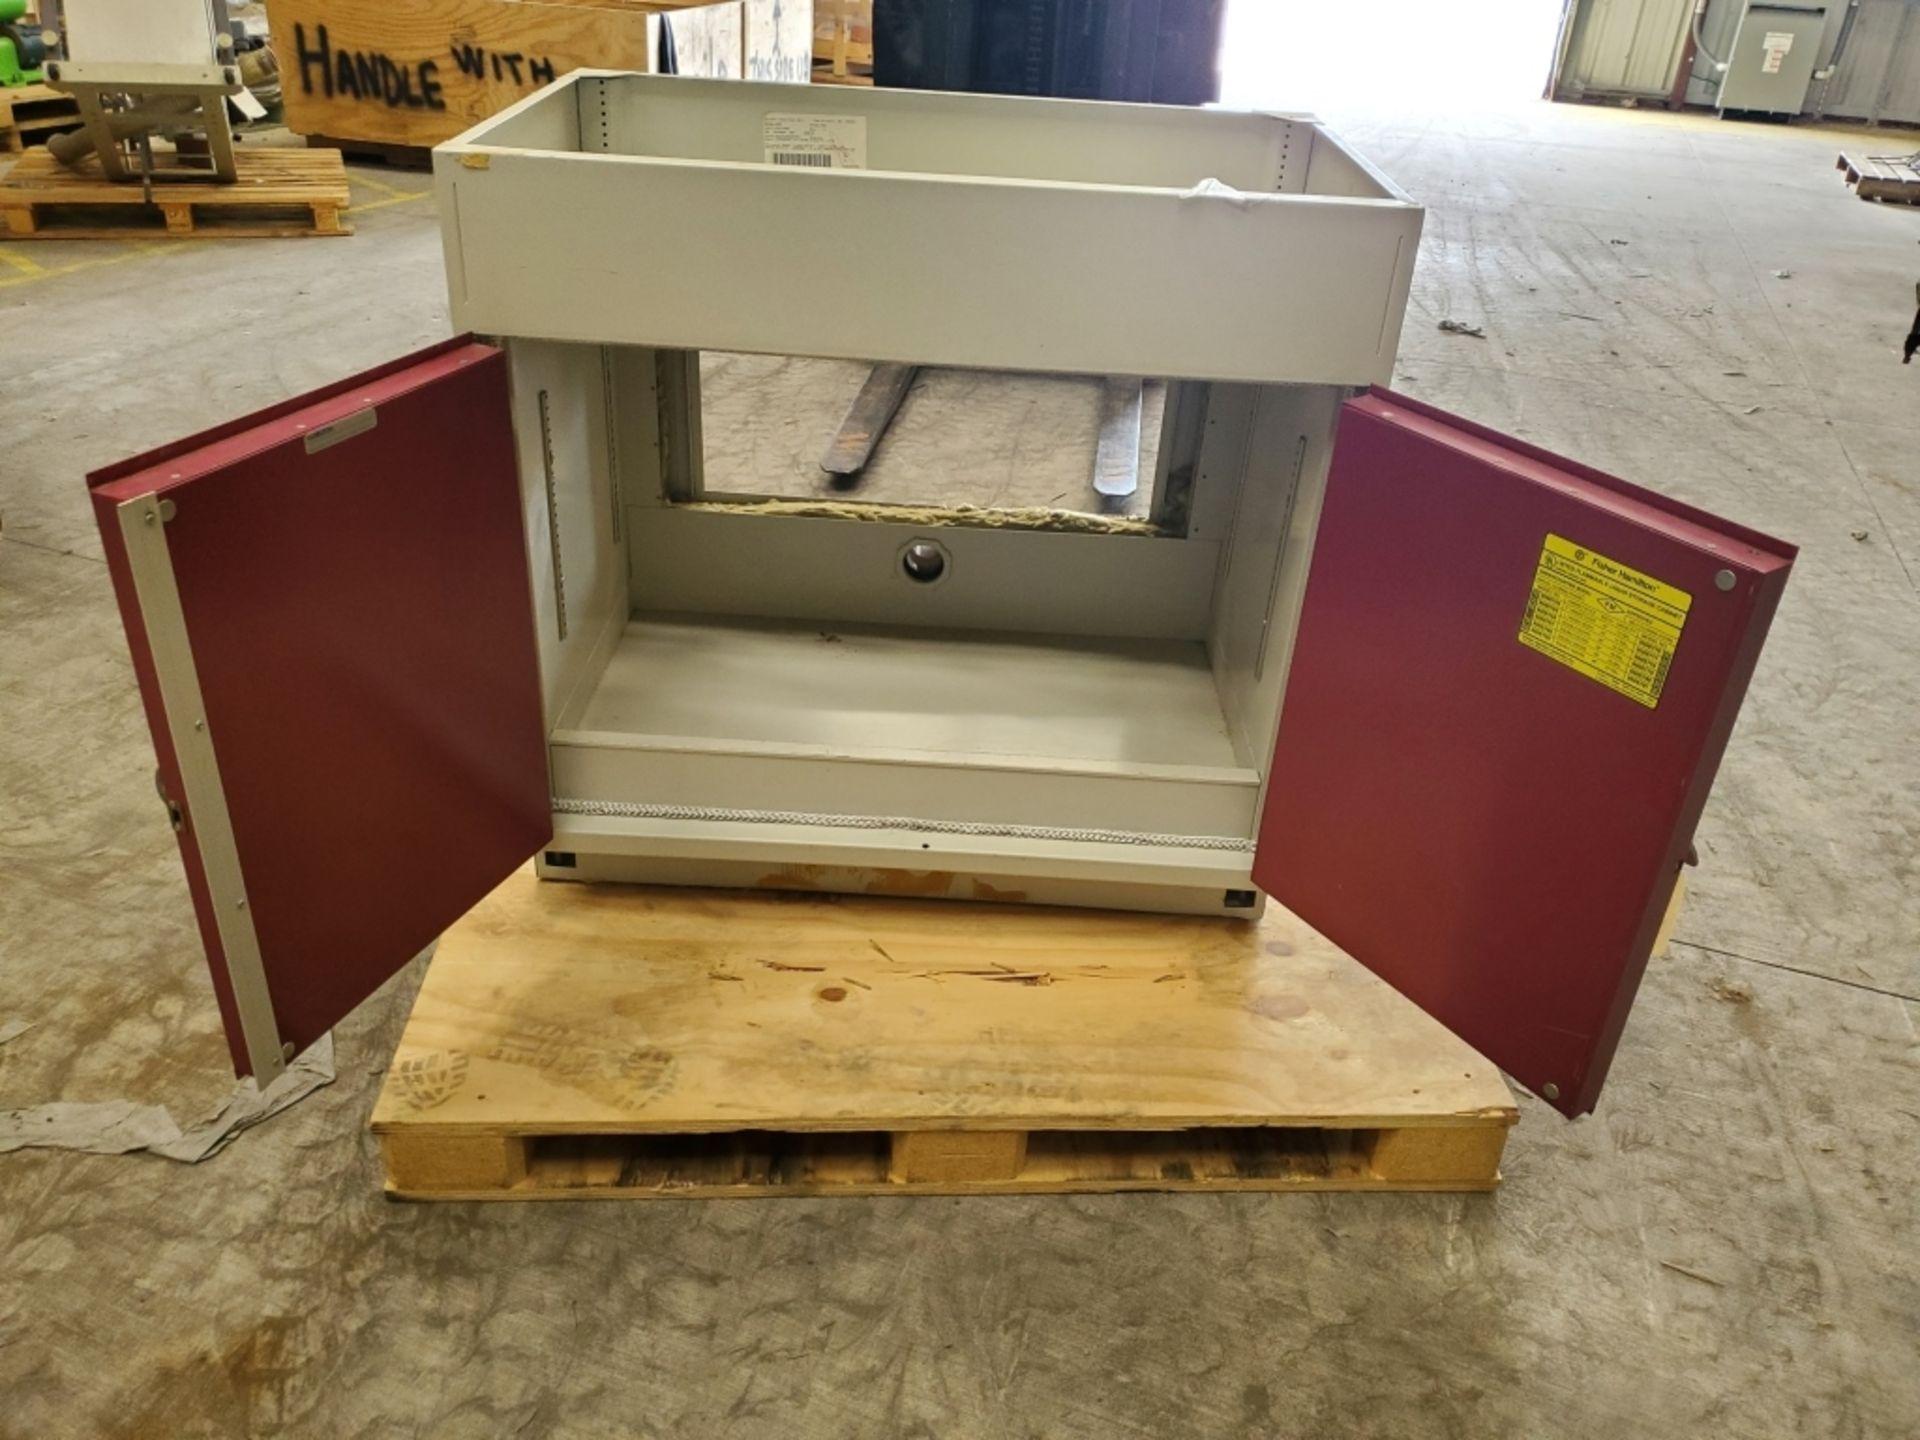 Fisher Hamilton 18Gal 2-Door Flammable Cabinet - Image 3 of 5